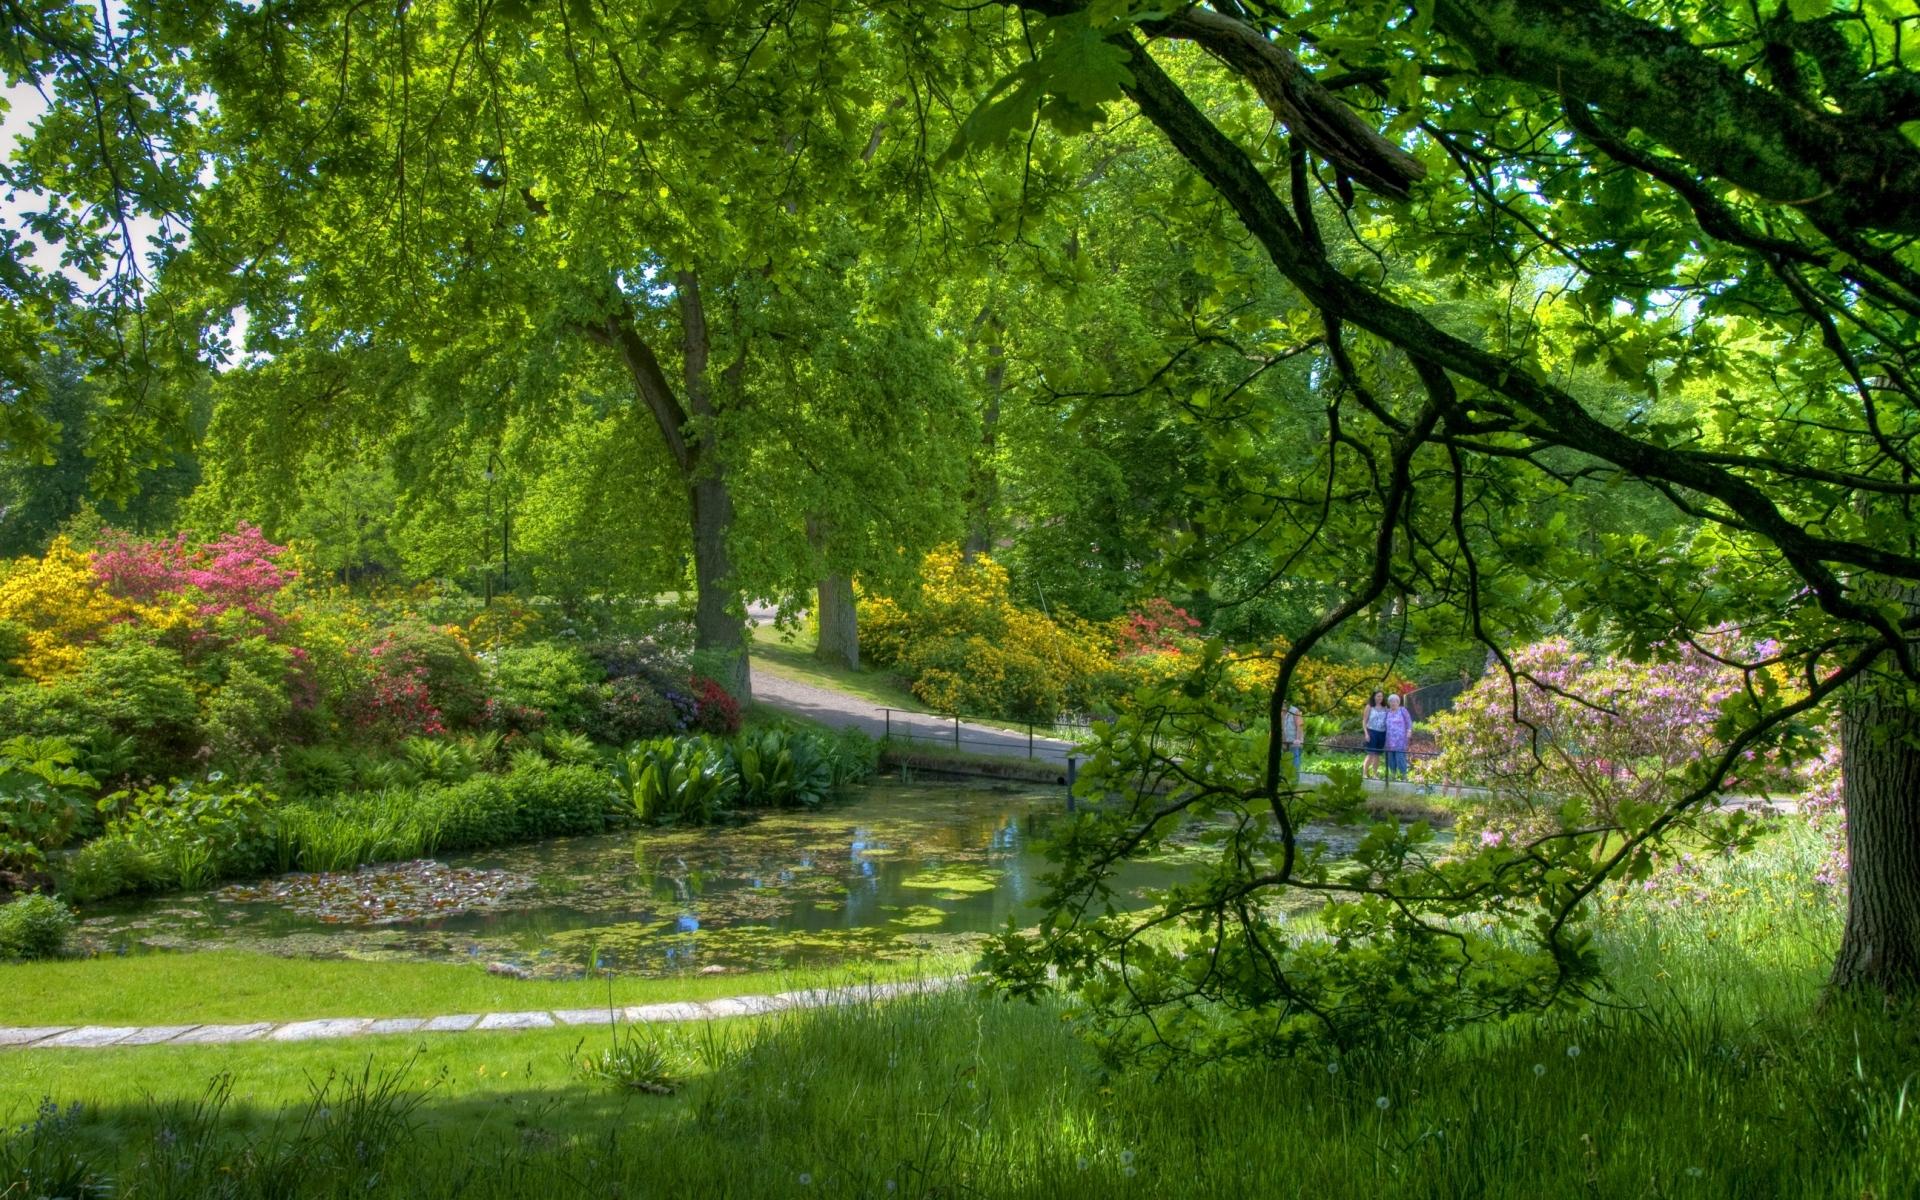 Картинки Деревья, сад, пруд, люди, зеленый, спокойствие фото и обои на рабочий стол